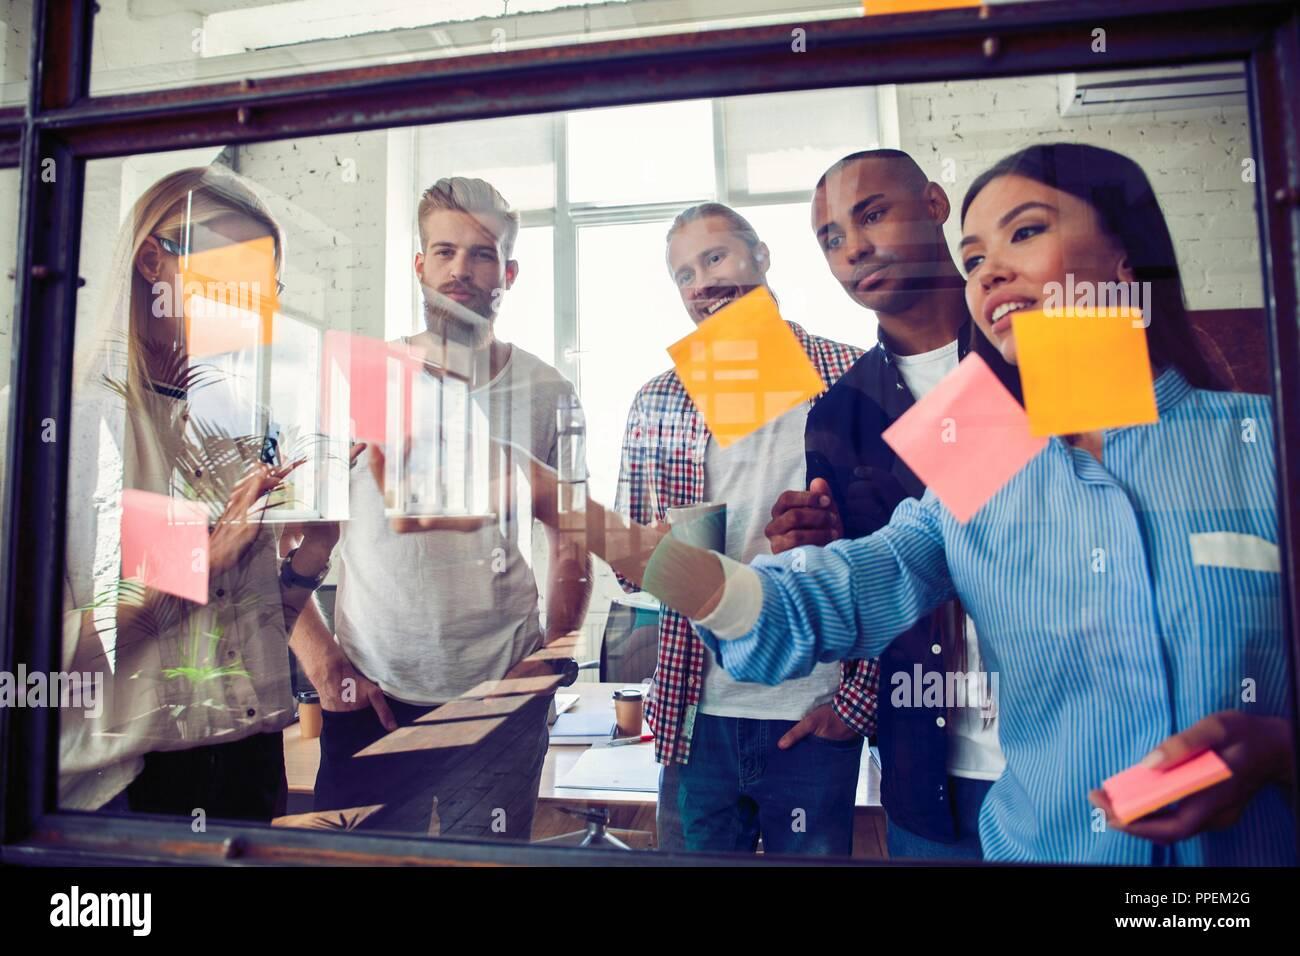 Los empresarios reunidos en la oficina y utilizar post-it Notes para compartir la idea. Concepto de lluvia de ideas. Nota adhesiva en pared de vidrio Imagen De Stock